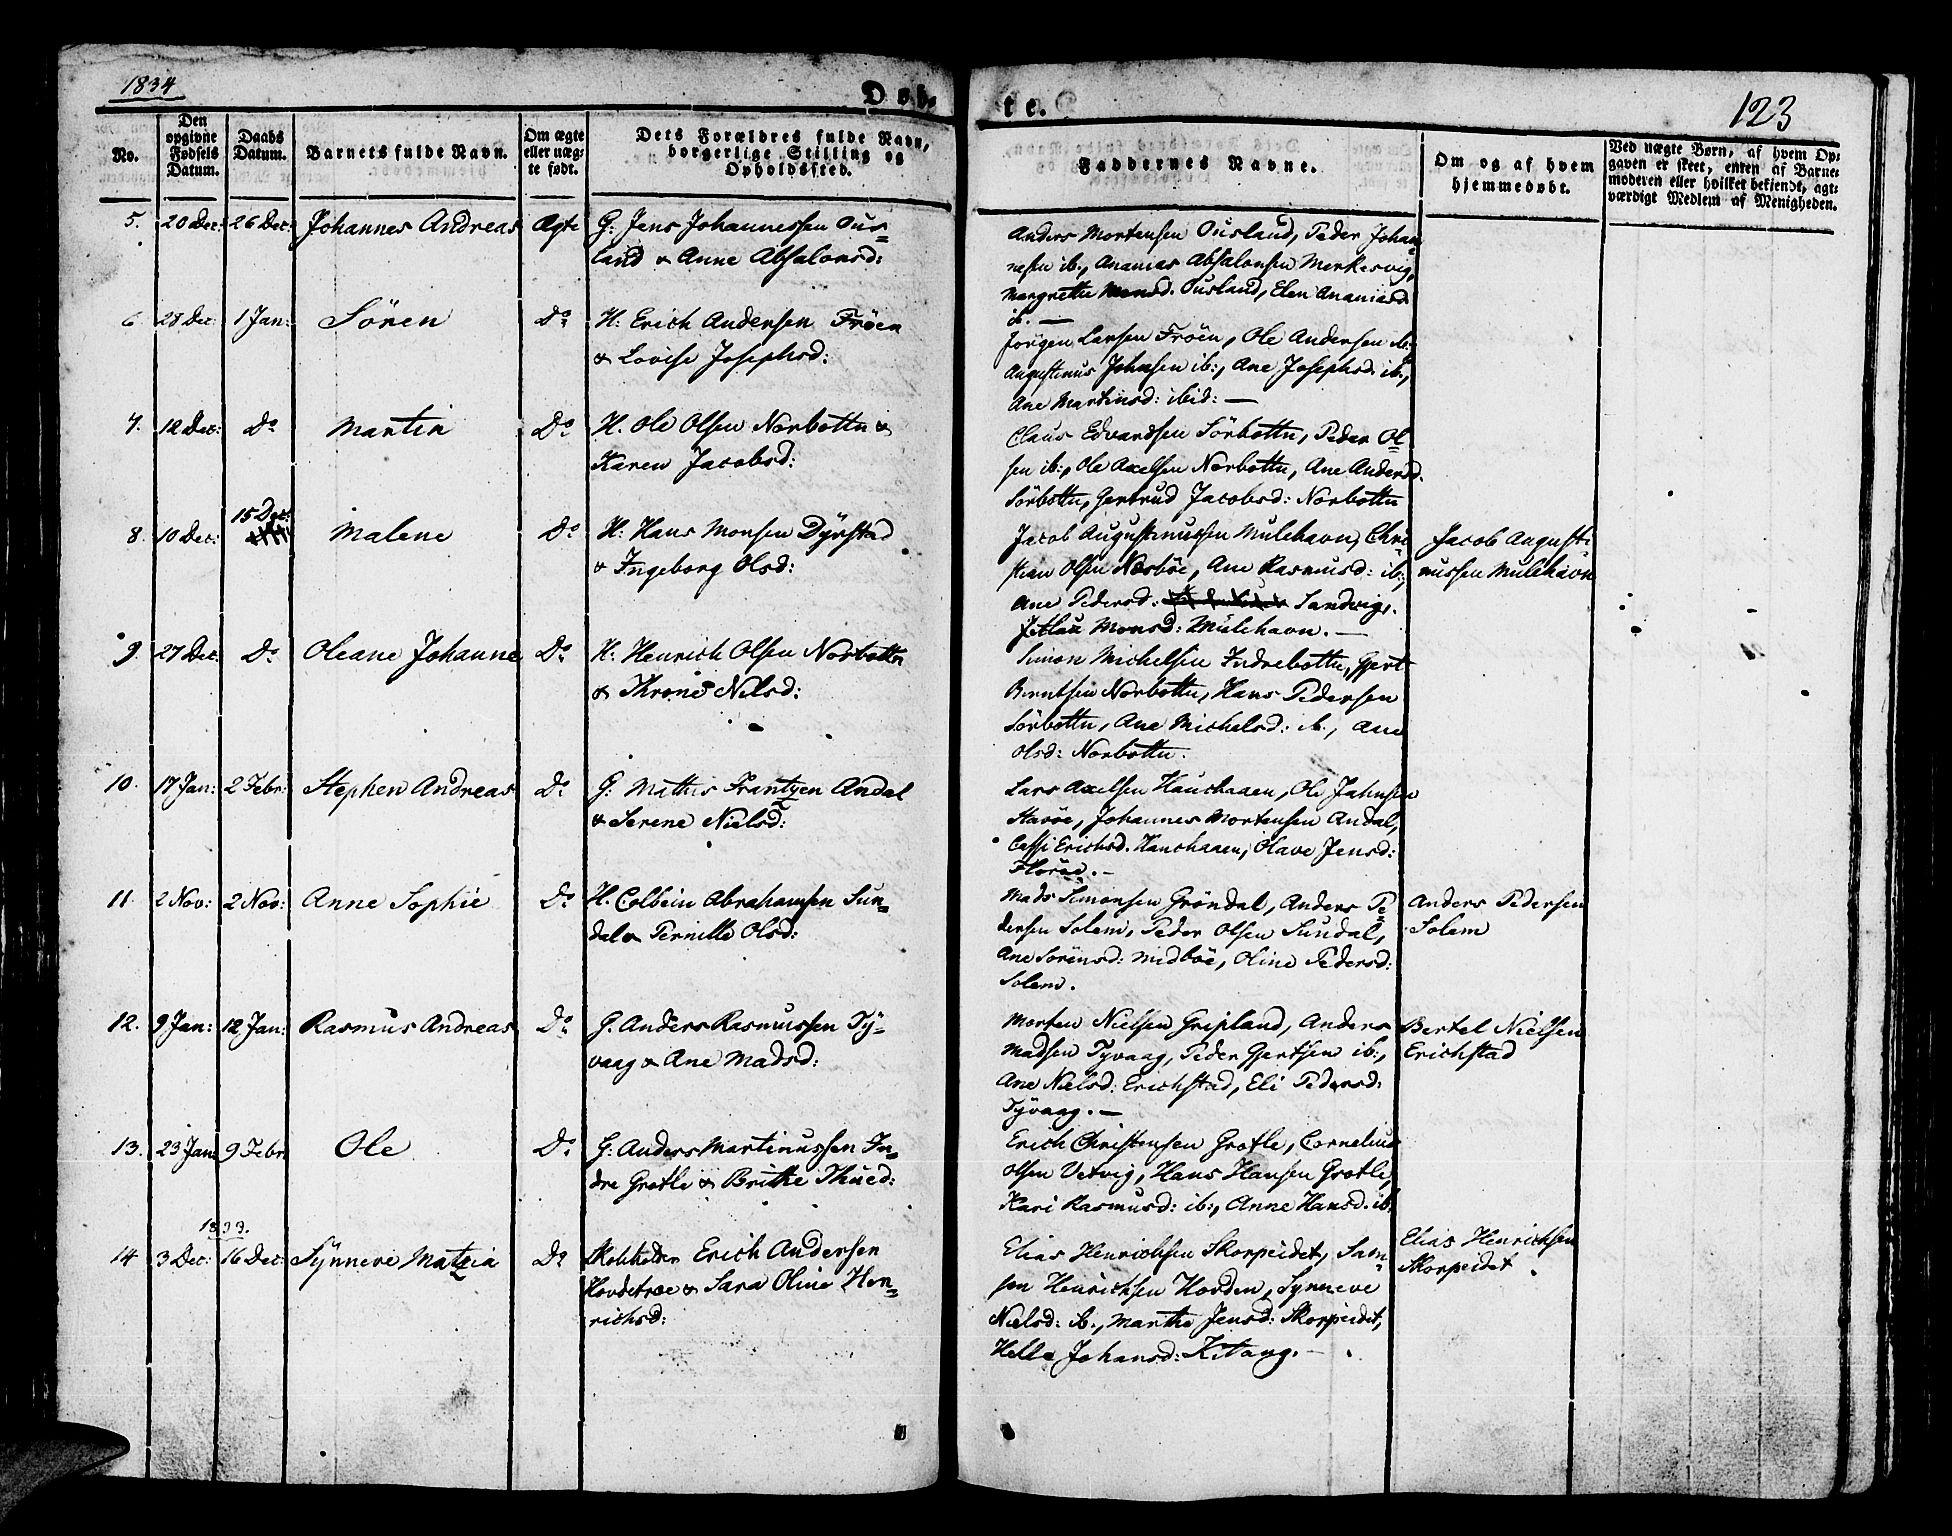 SAB, Kinn Sokneprestembete, Ministerialbok nr. A 4I, 1822-1840, s. 123